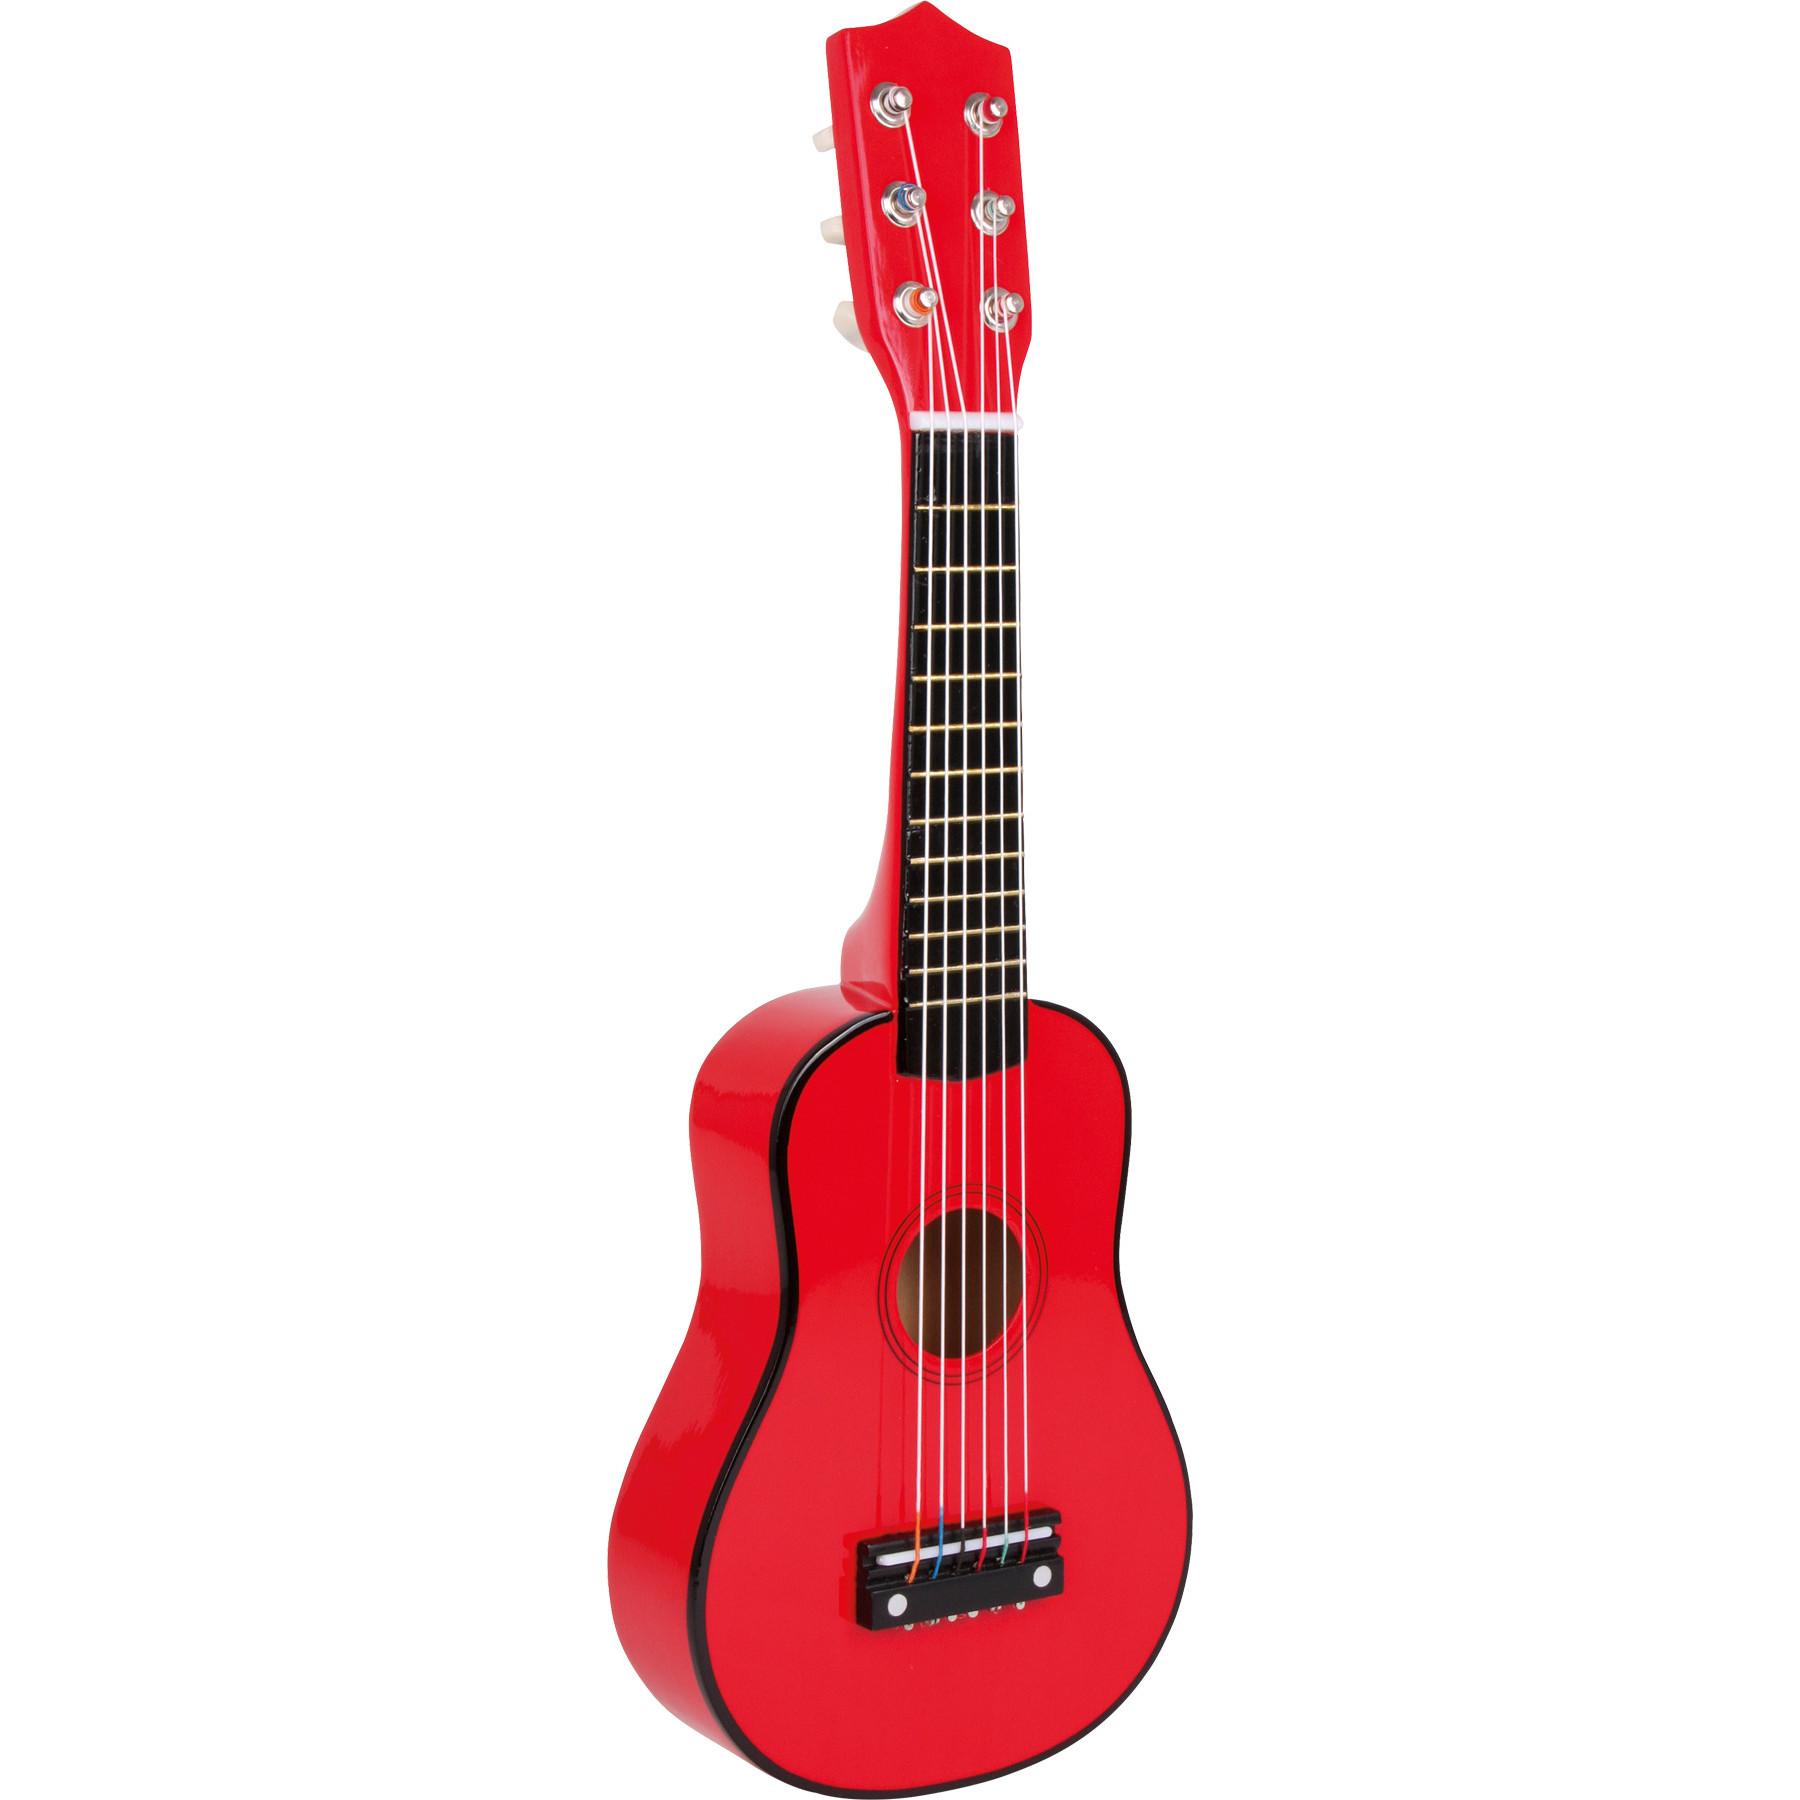 Gitara pre deti klasické červené 53 cm drevo